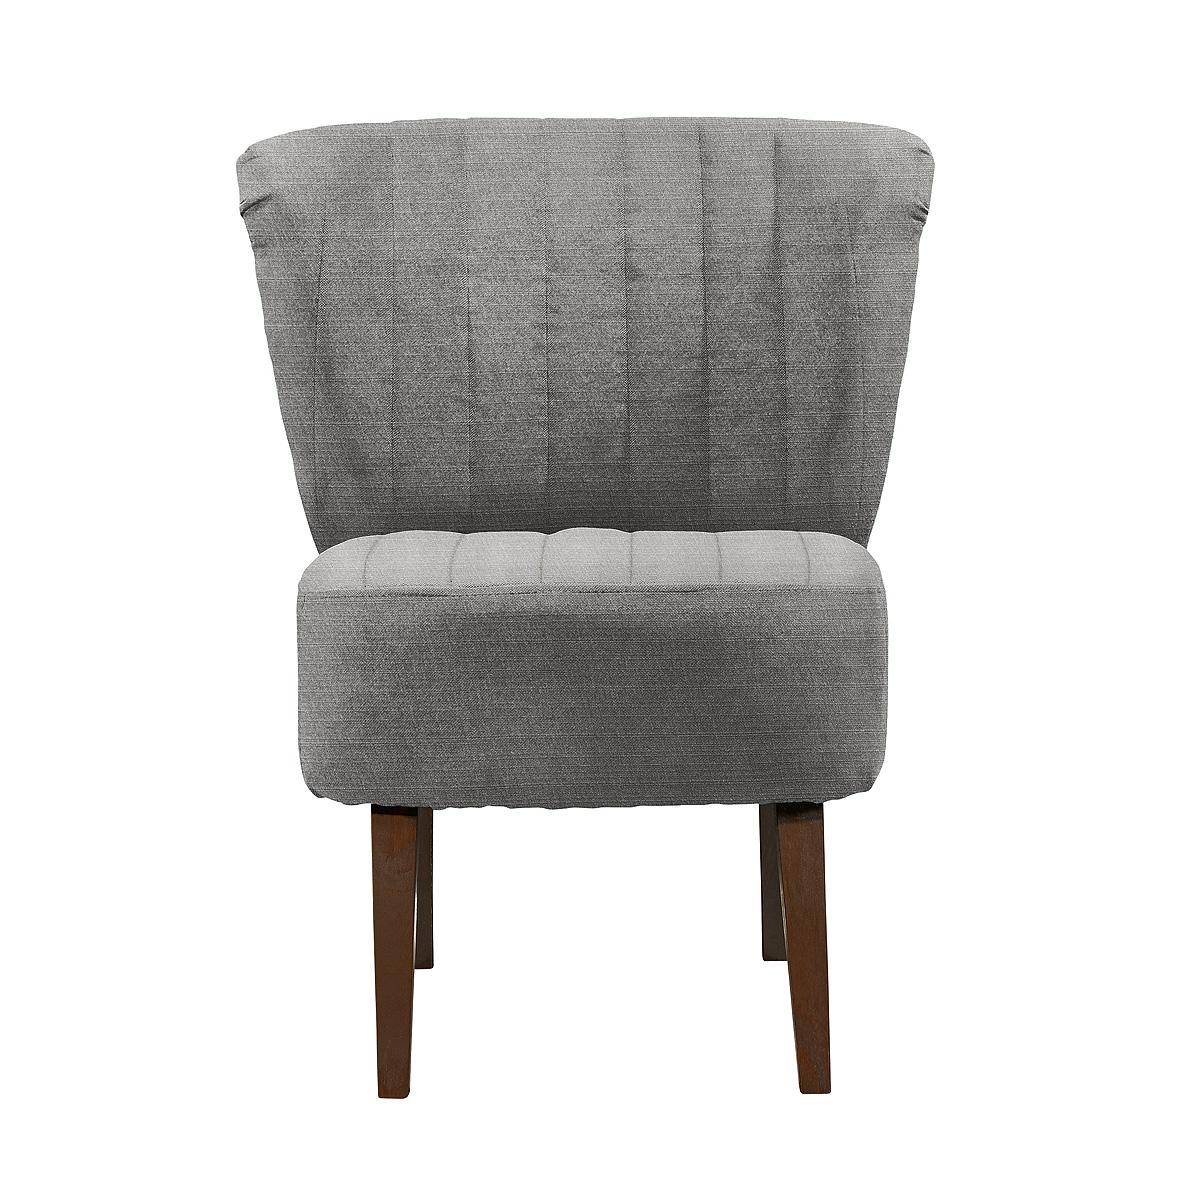 sessel marcel cocktailsessel auswahl silber grau anthrazit. Black Bedroom Furniture Sets. Home Design Ideas